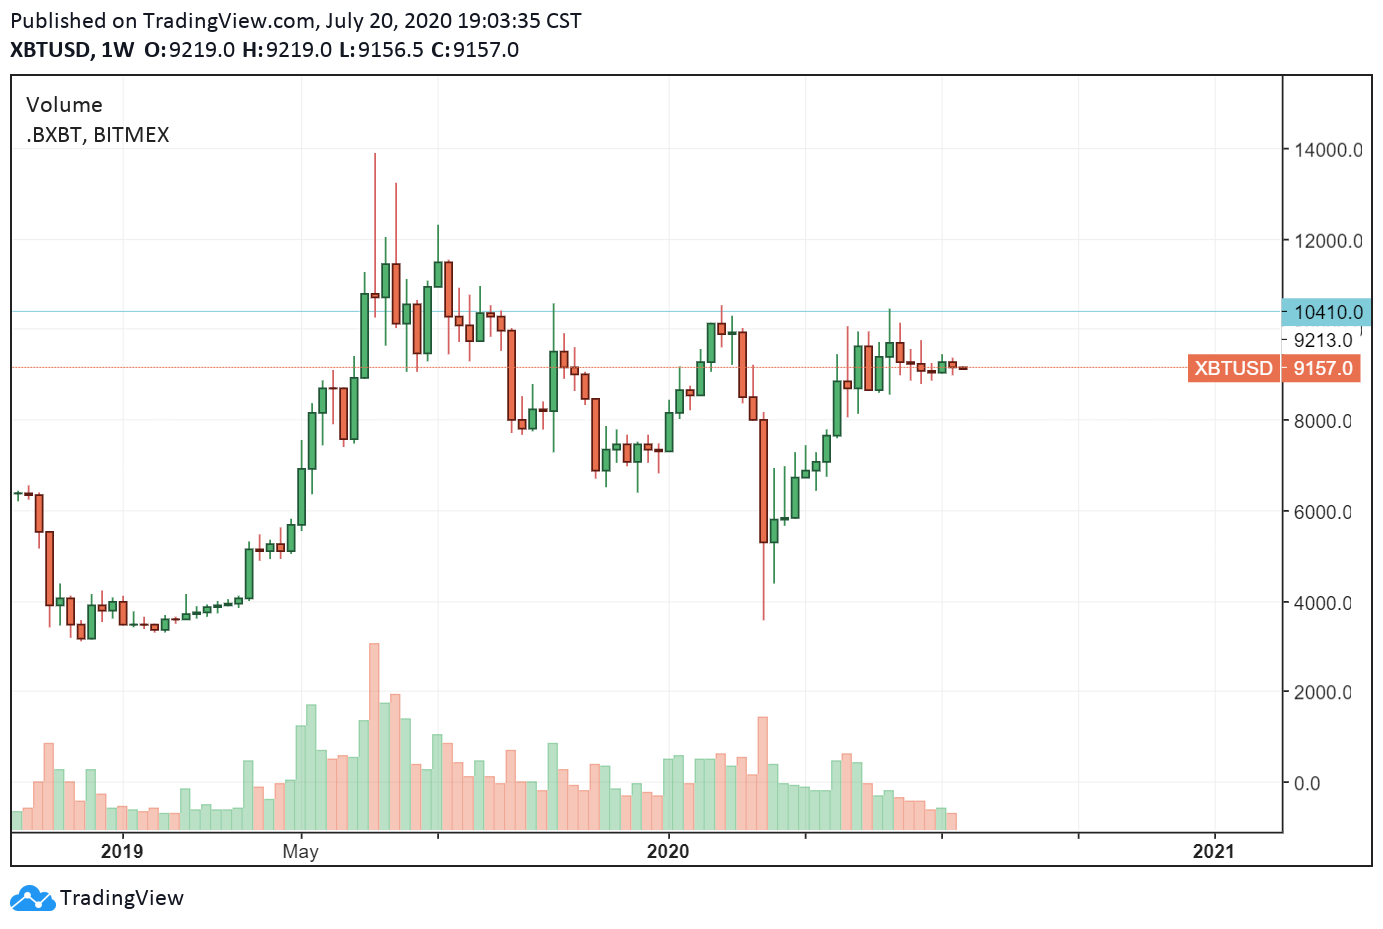 El precio de Bitcoin cayó a menos de los USD 3,600 en marzo